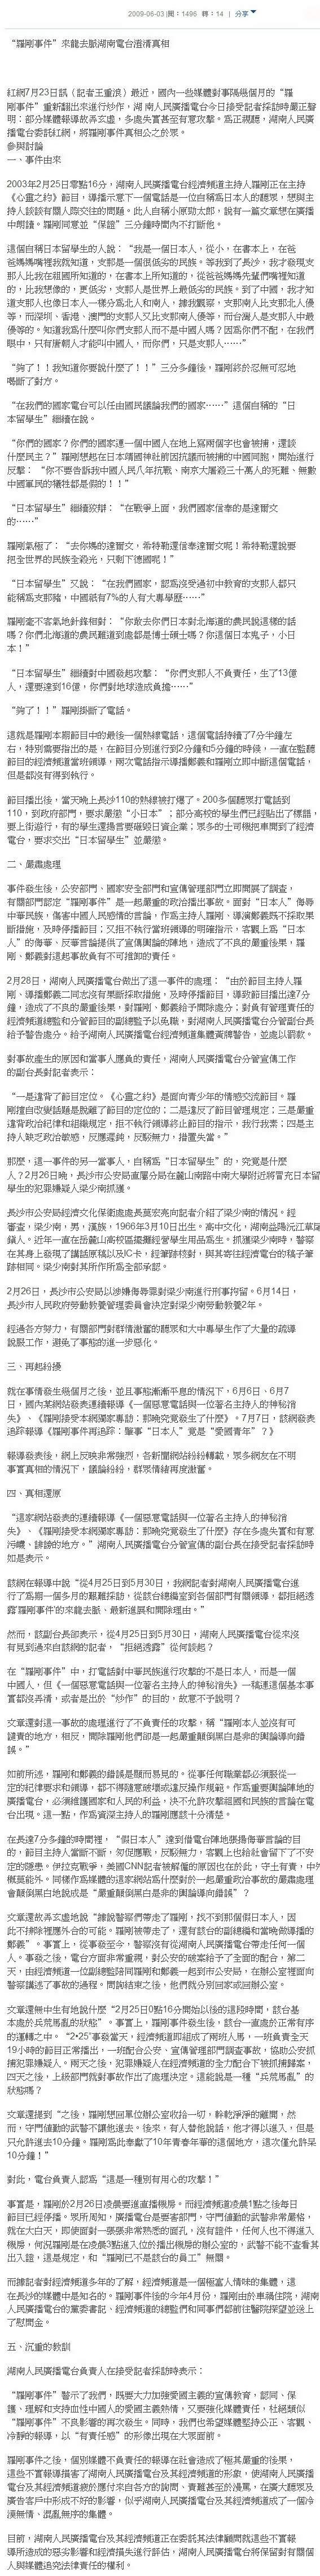 羅剛事件來龍去脈 湖南電臺澄清真相-2009.06.03